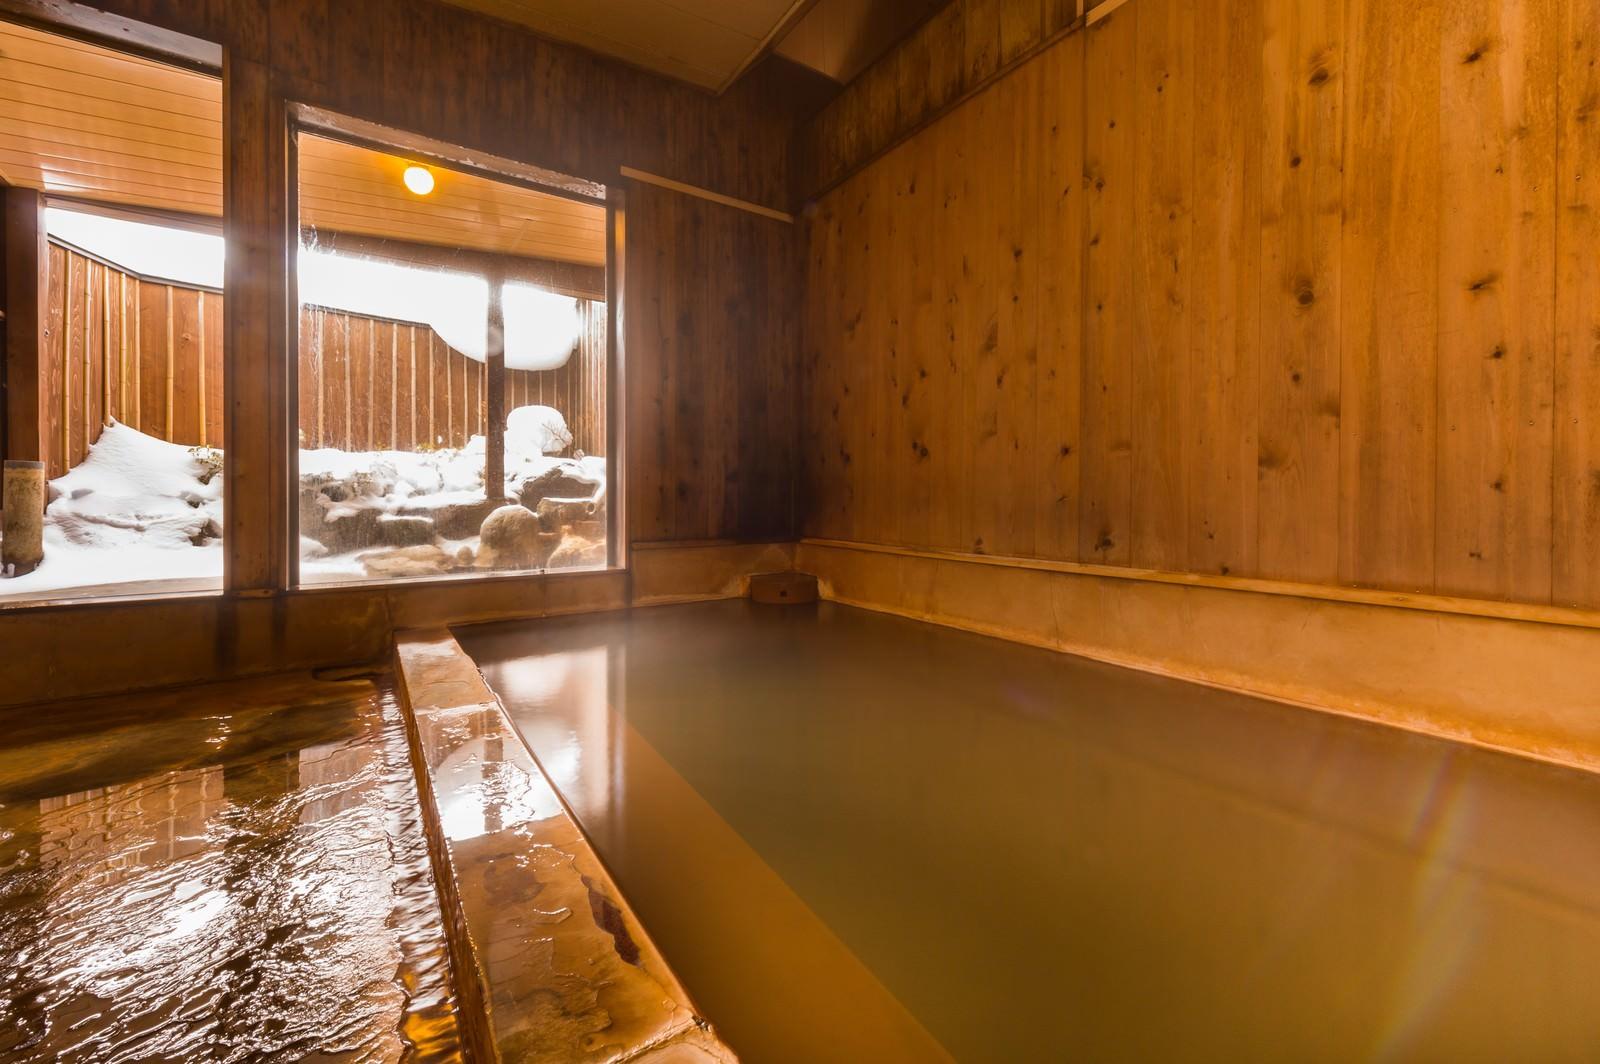 「重曹成分が強く肌がすべすべになる栄太郎の美肌の湯」の写真